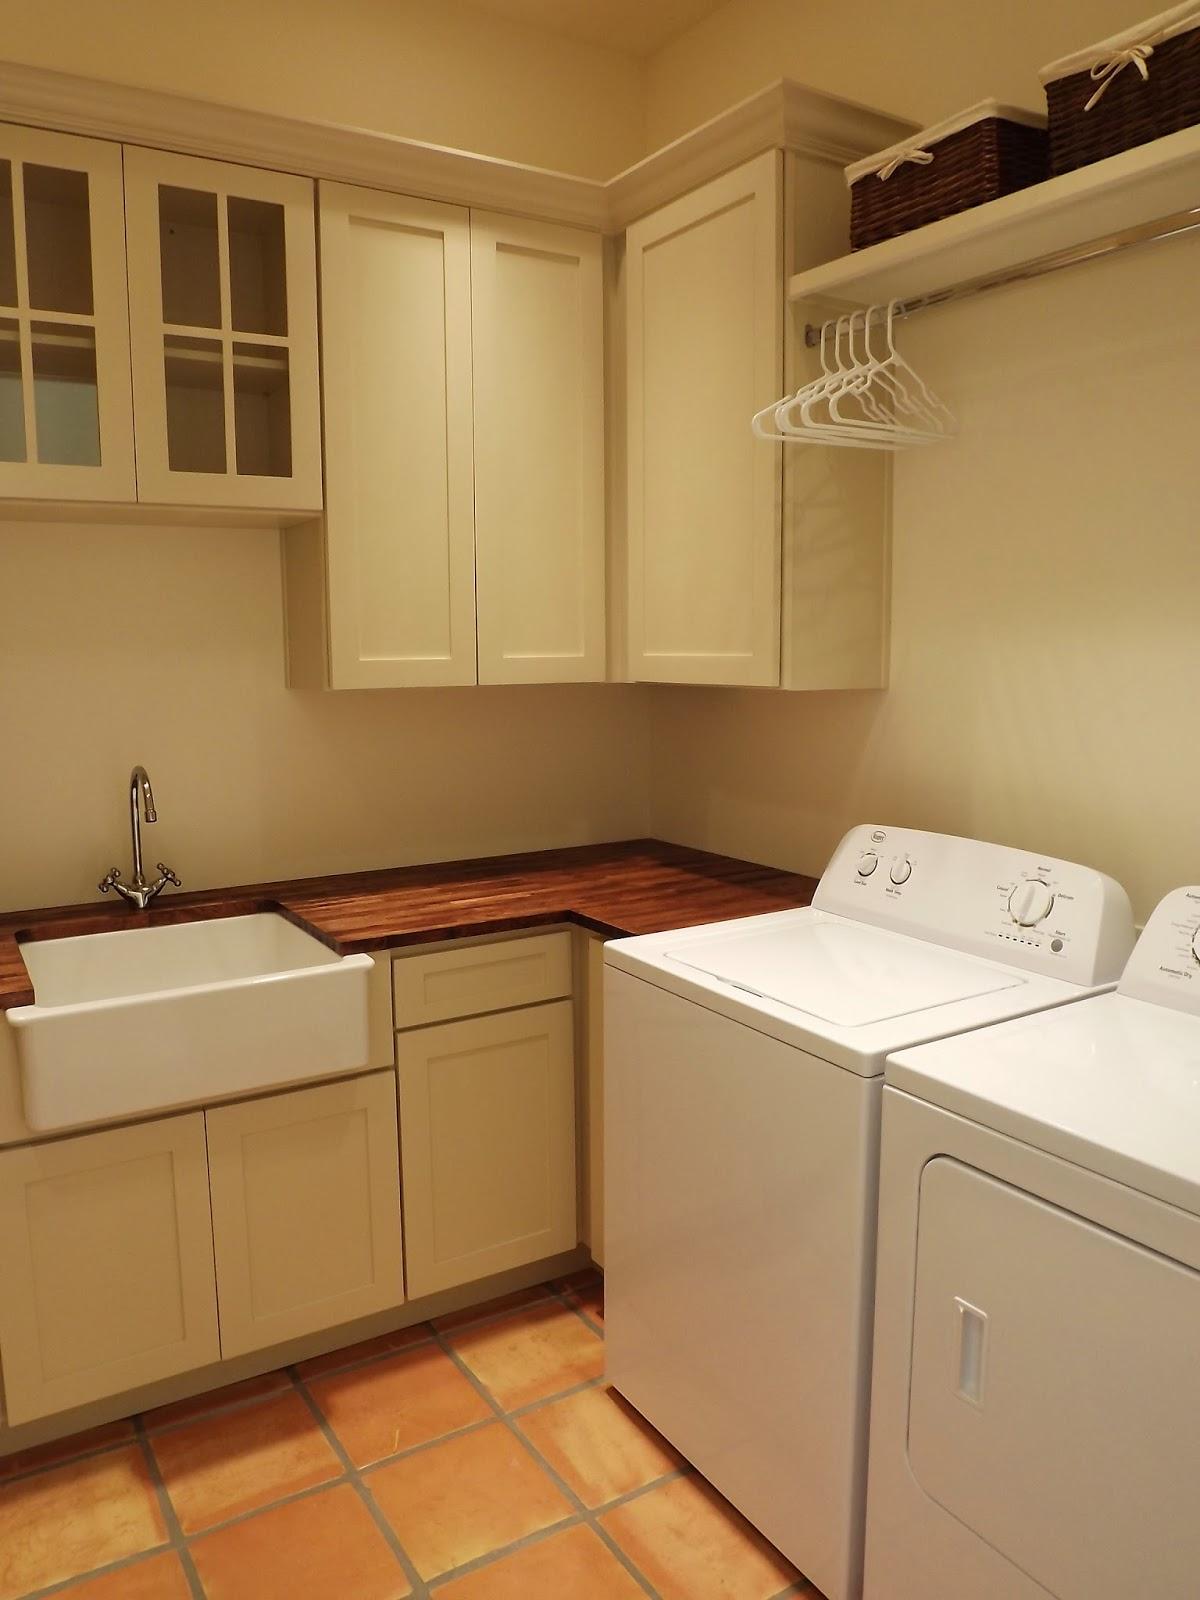 varde countertops diy, domsjo undermount sink, domsjo sink, apron front sink undermount, undermount a drop-in sink